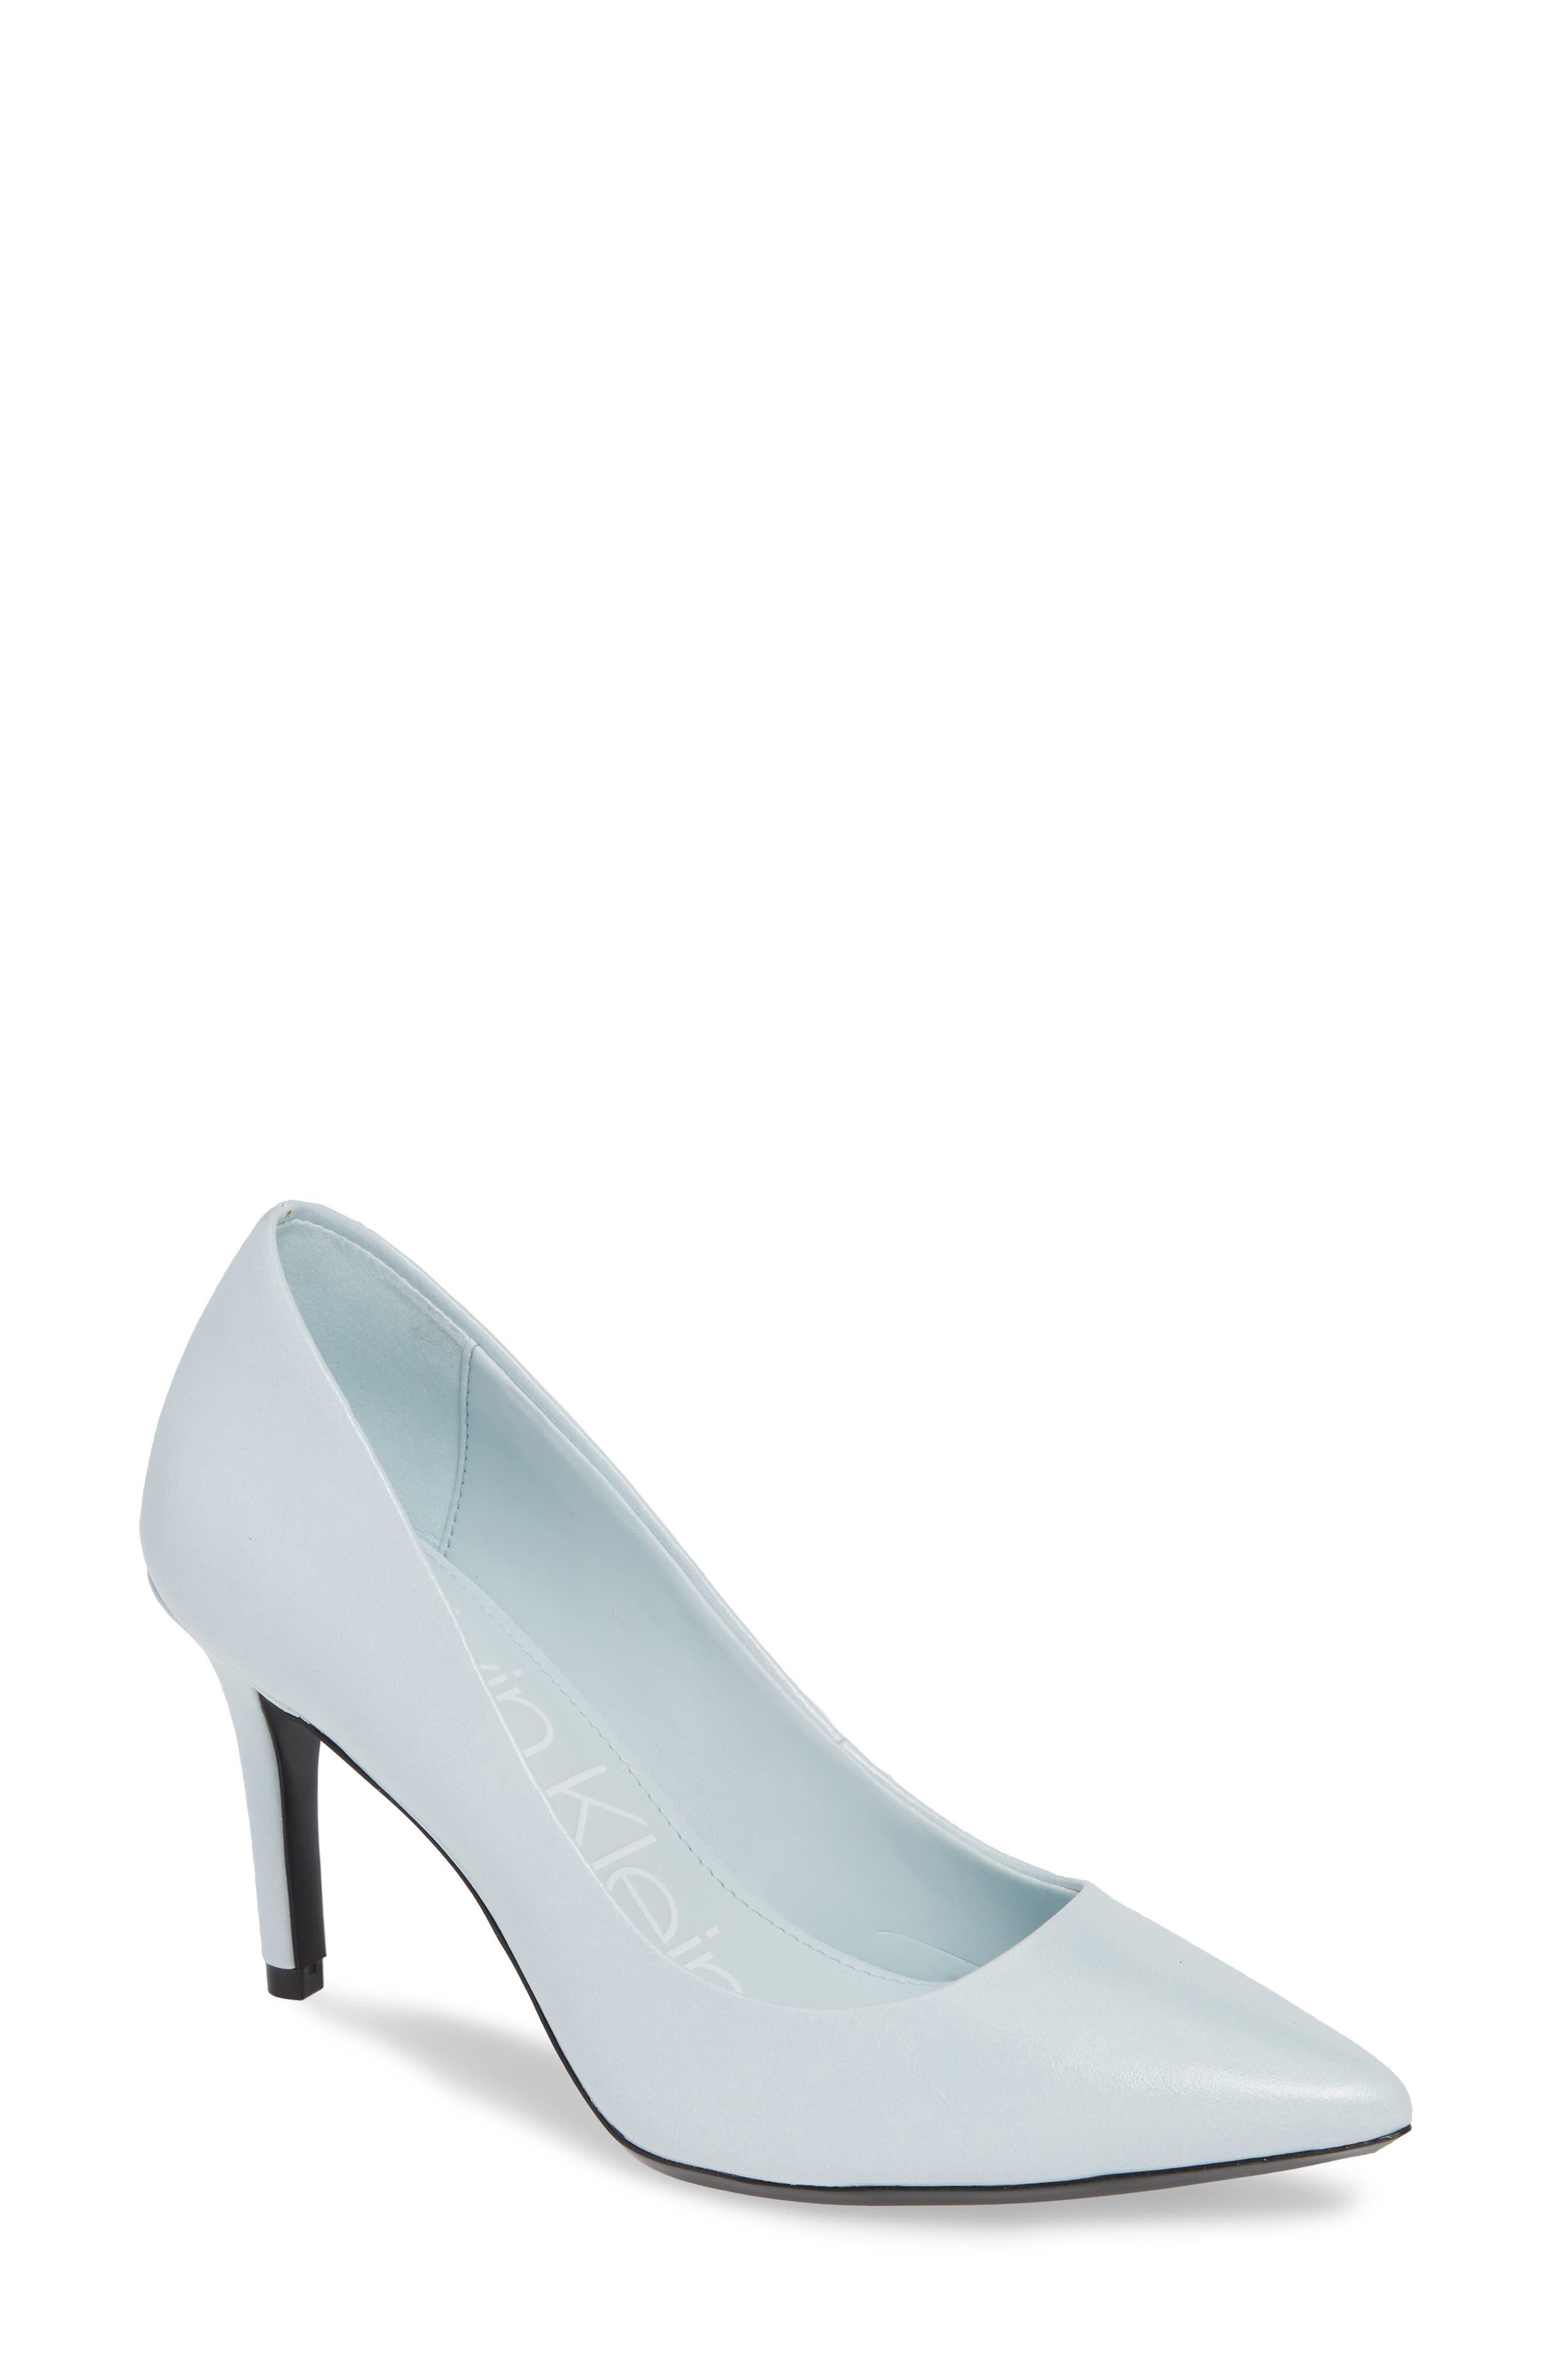 76cbb12519b Calvin Klein  Gayle  Pointy Toe Pump